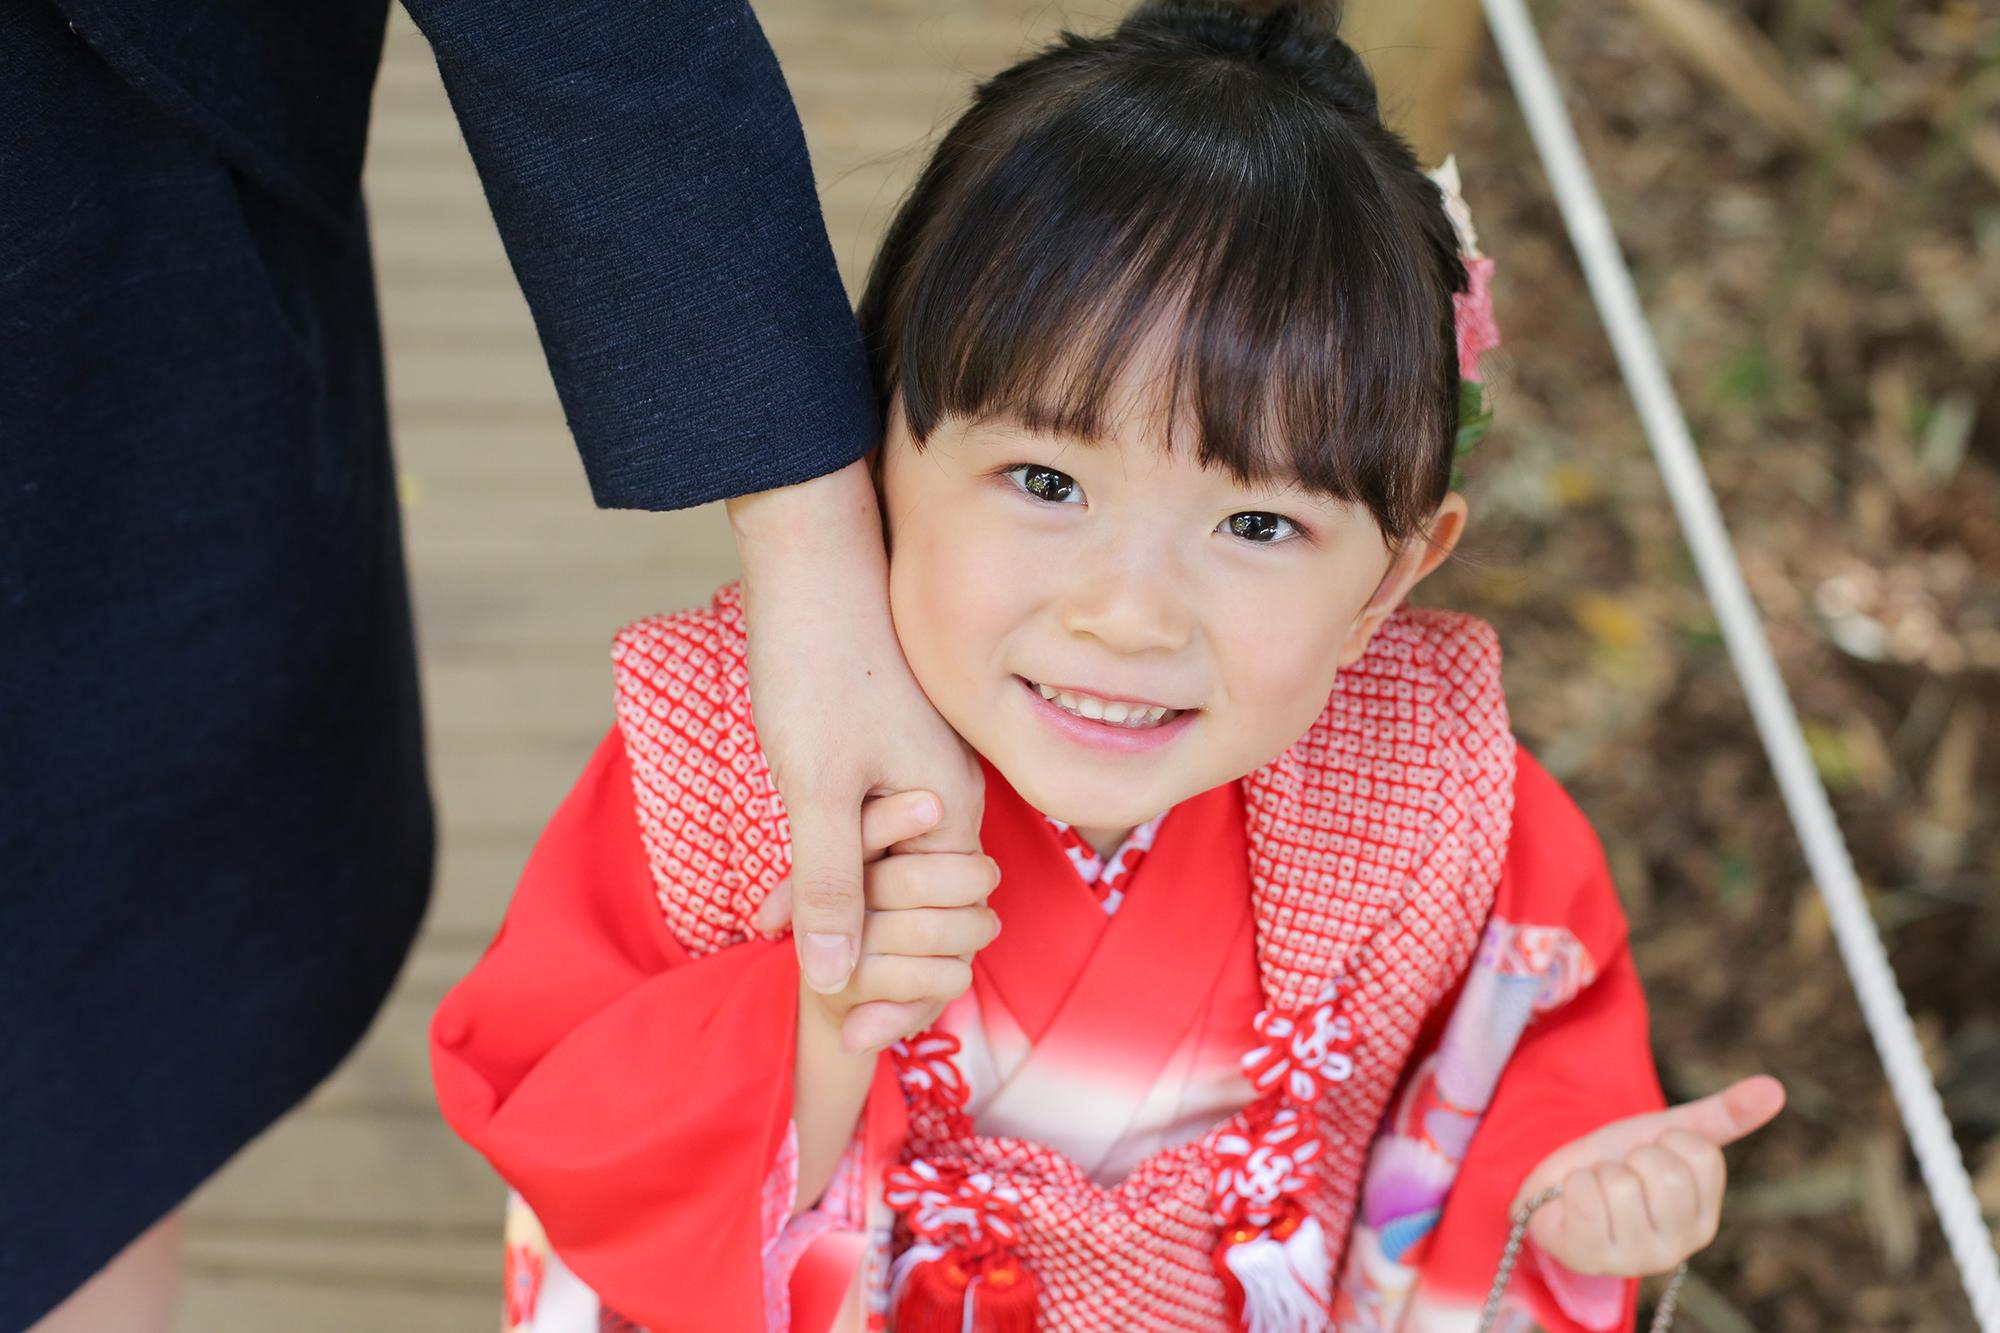 にこにこ笑顔の3歳女の子